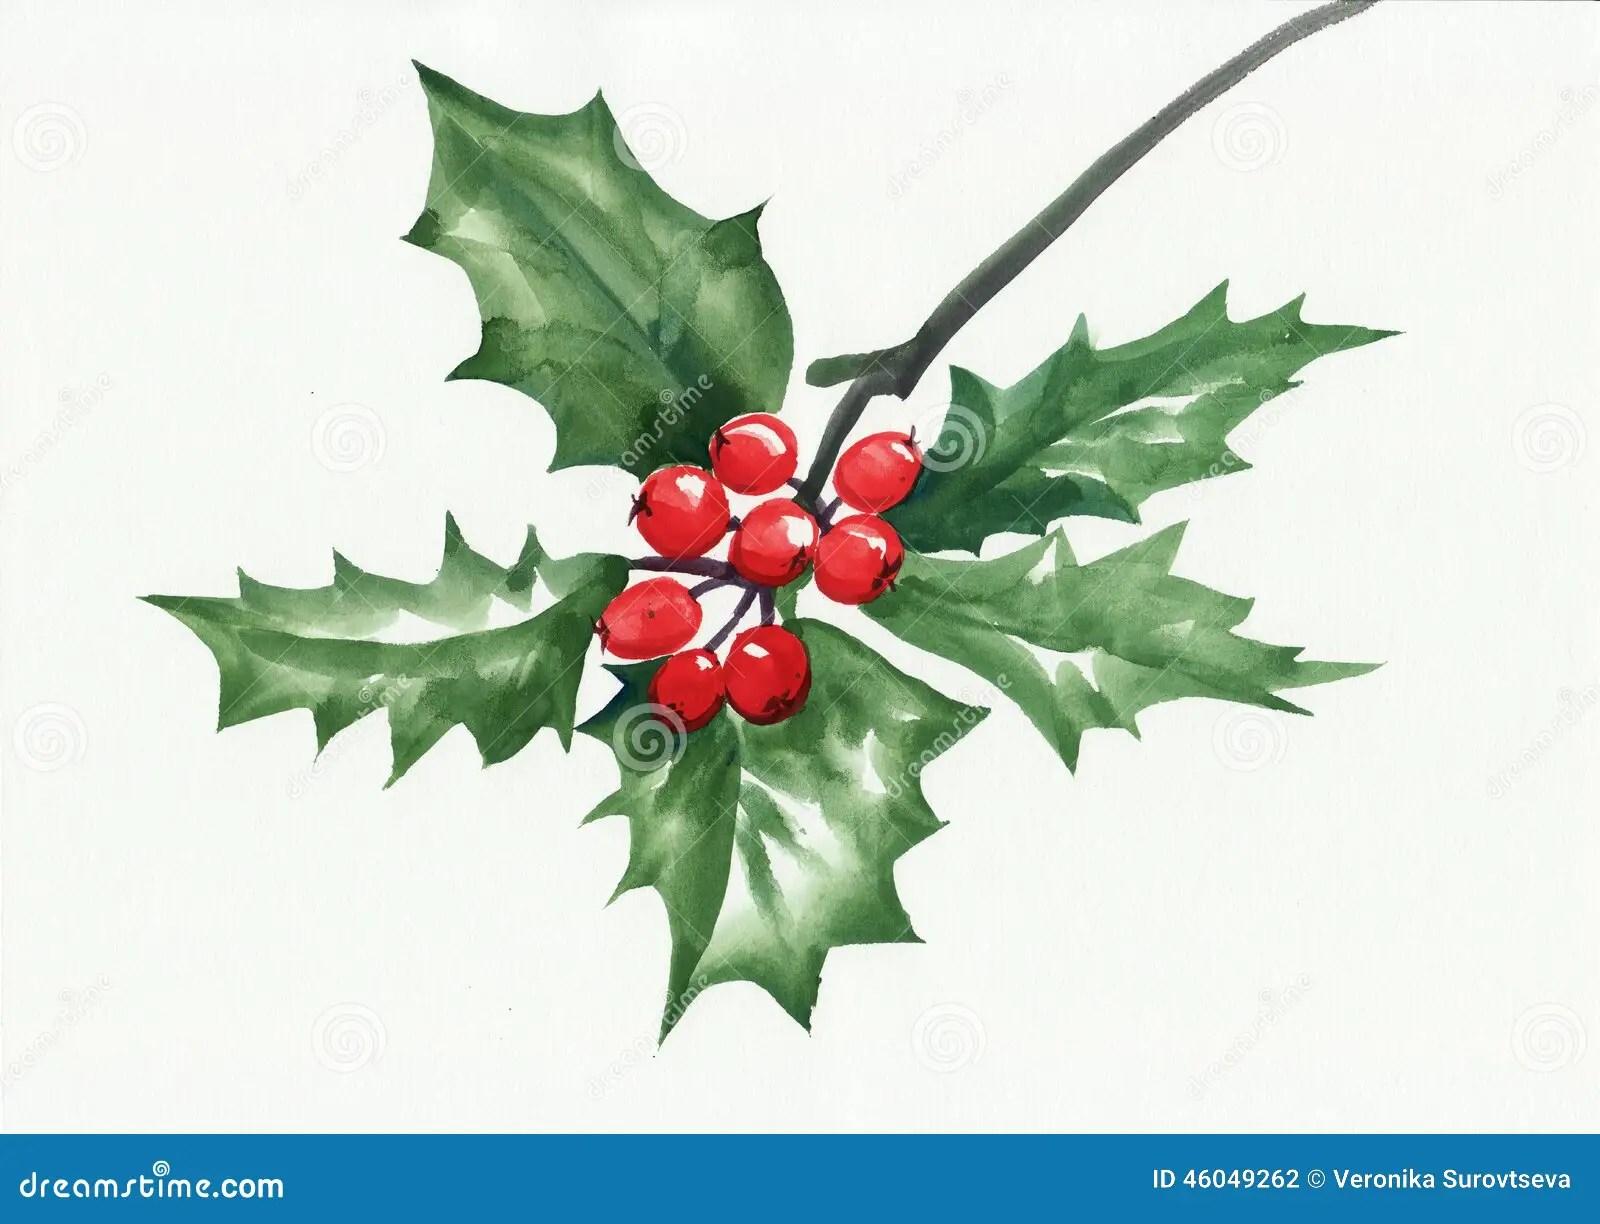 Green Holly Branch Stock Illustration Illustration Of